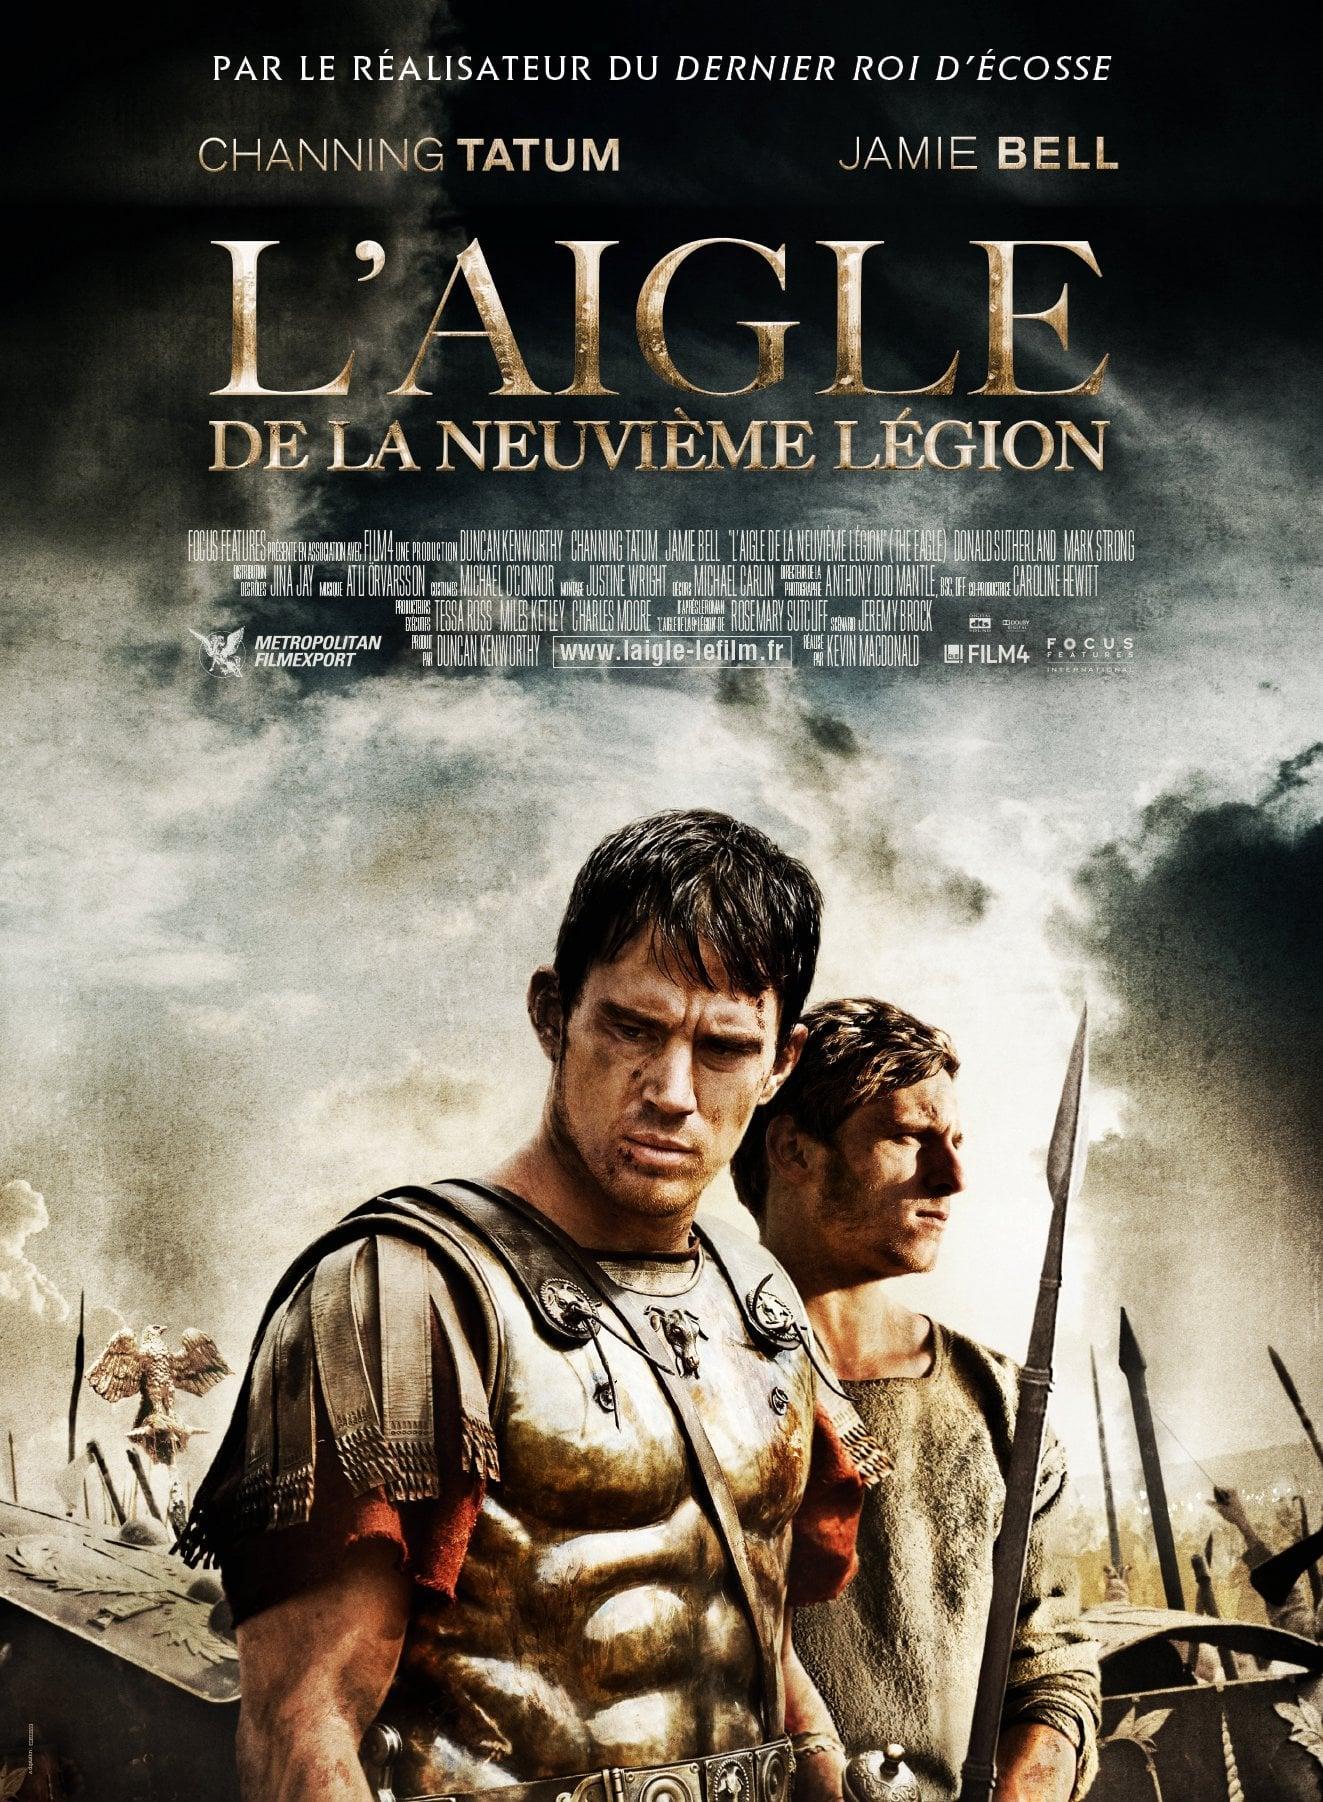 affiche du film L'aigle de la neuvième légion